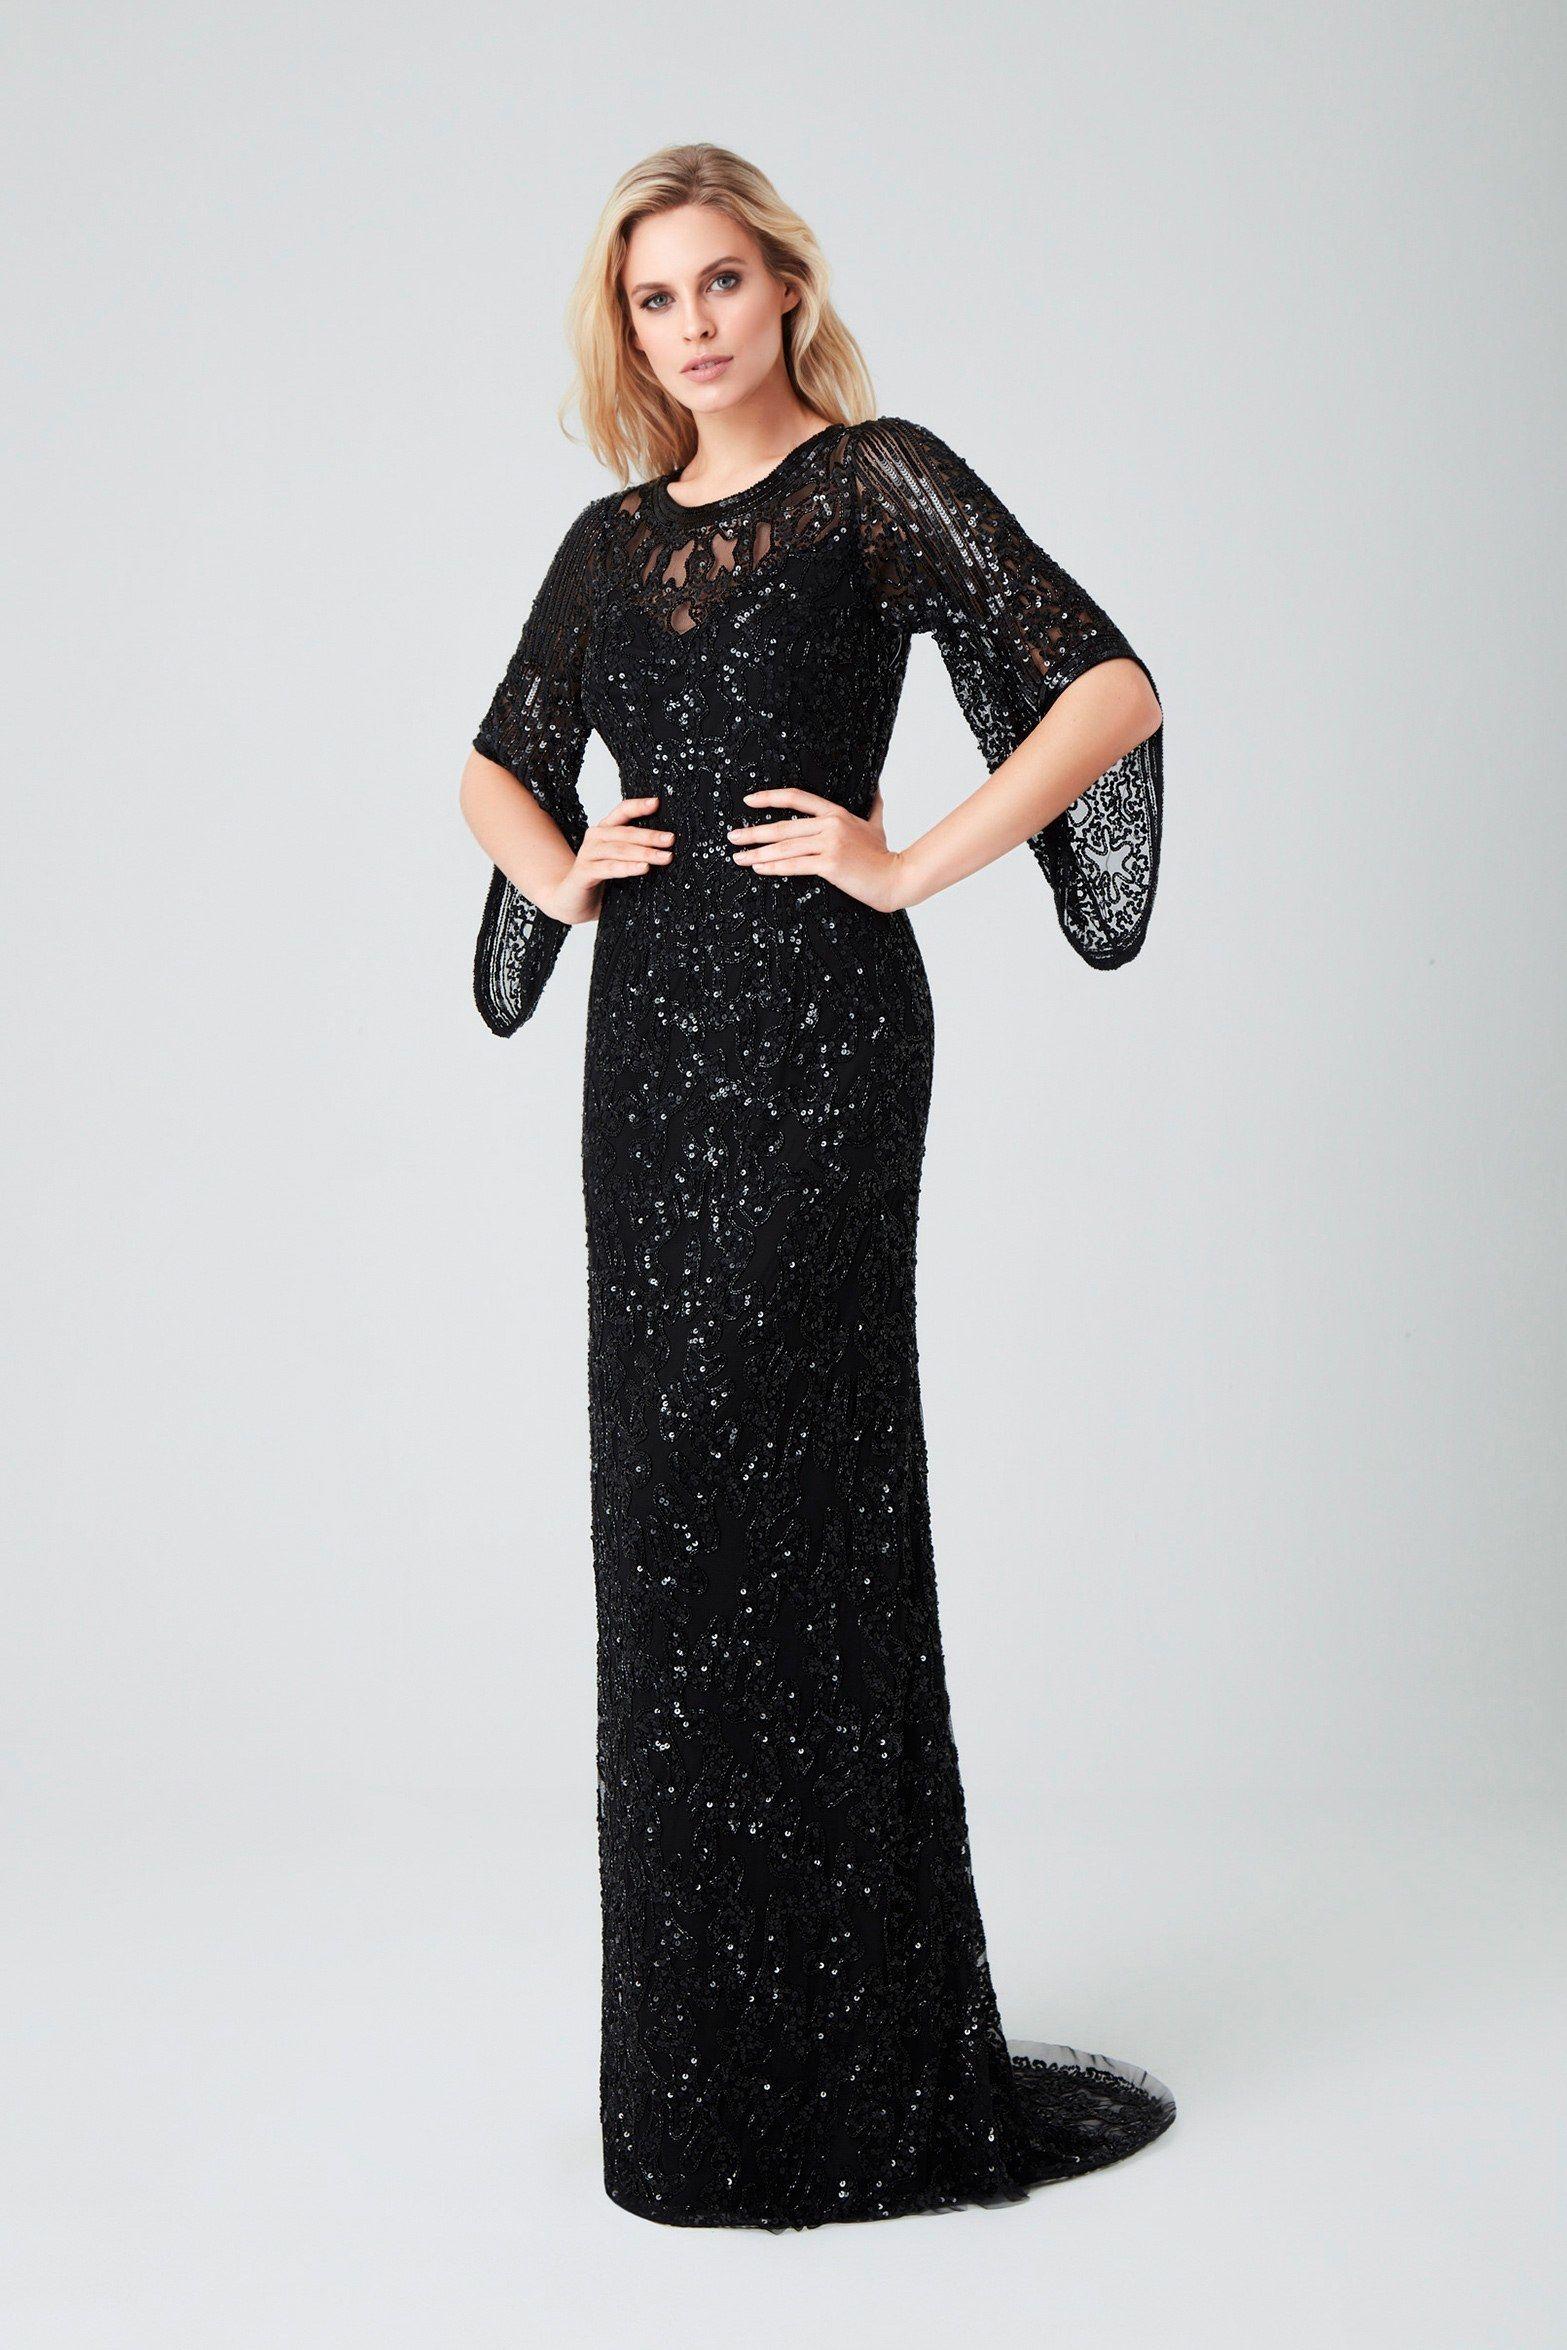 Siyah Salas Yarim Kol Payetli Uzun Abiye Oleg Cassini Aksamustu Giysileri Elbise Moda Stilleri